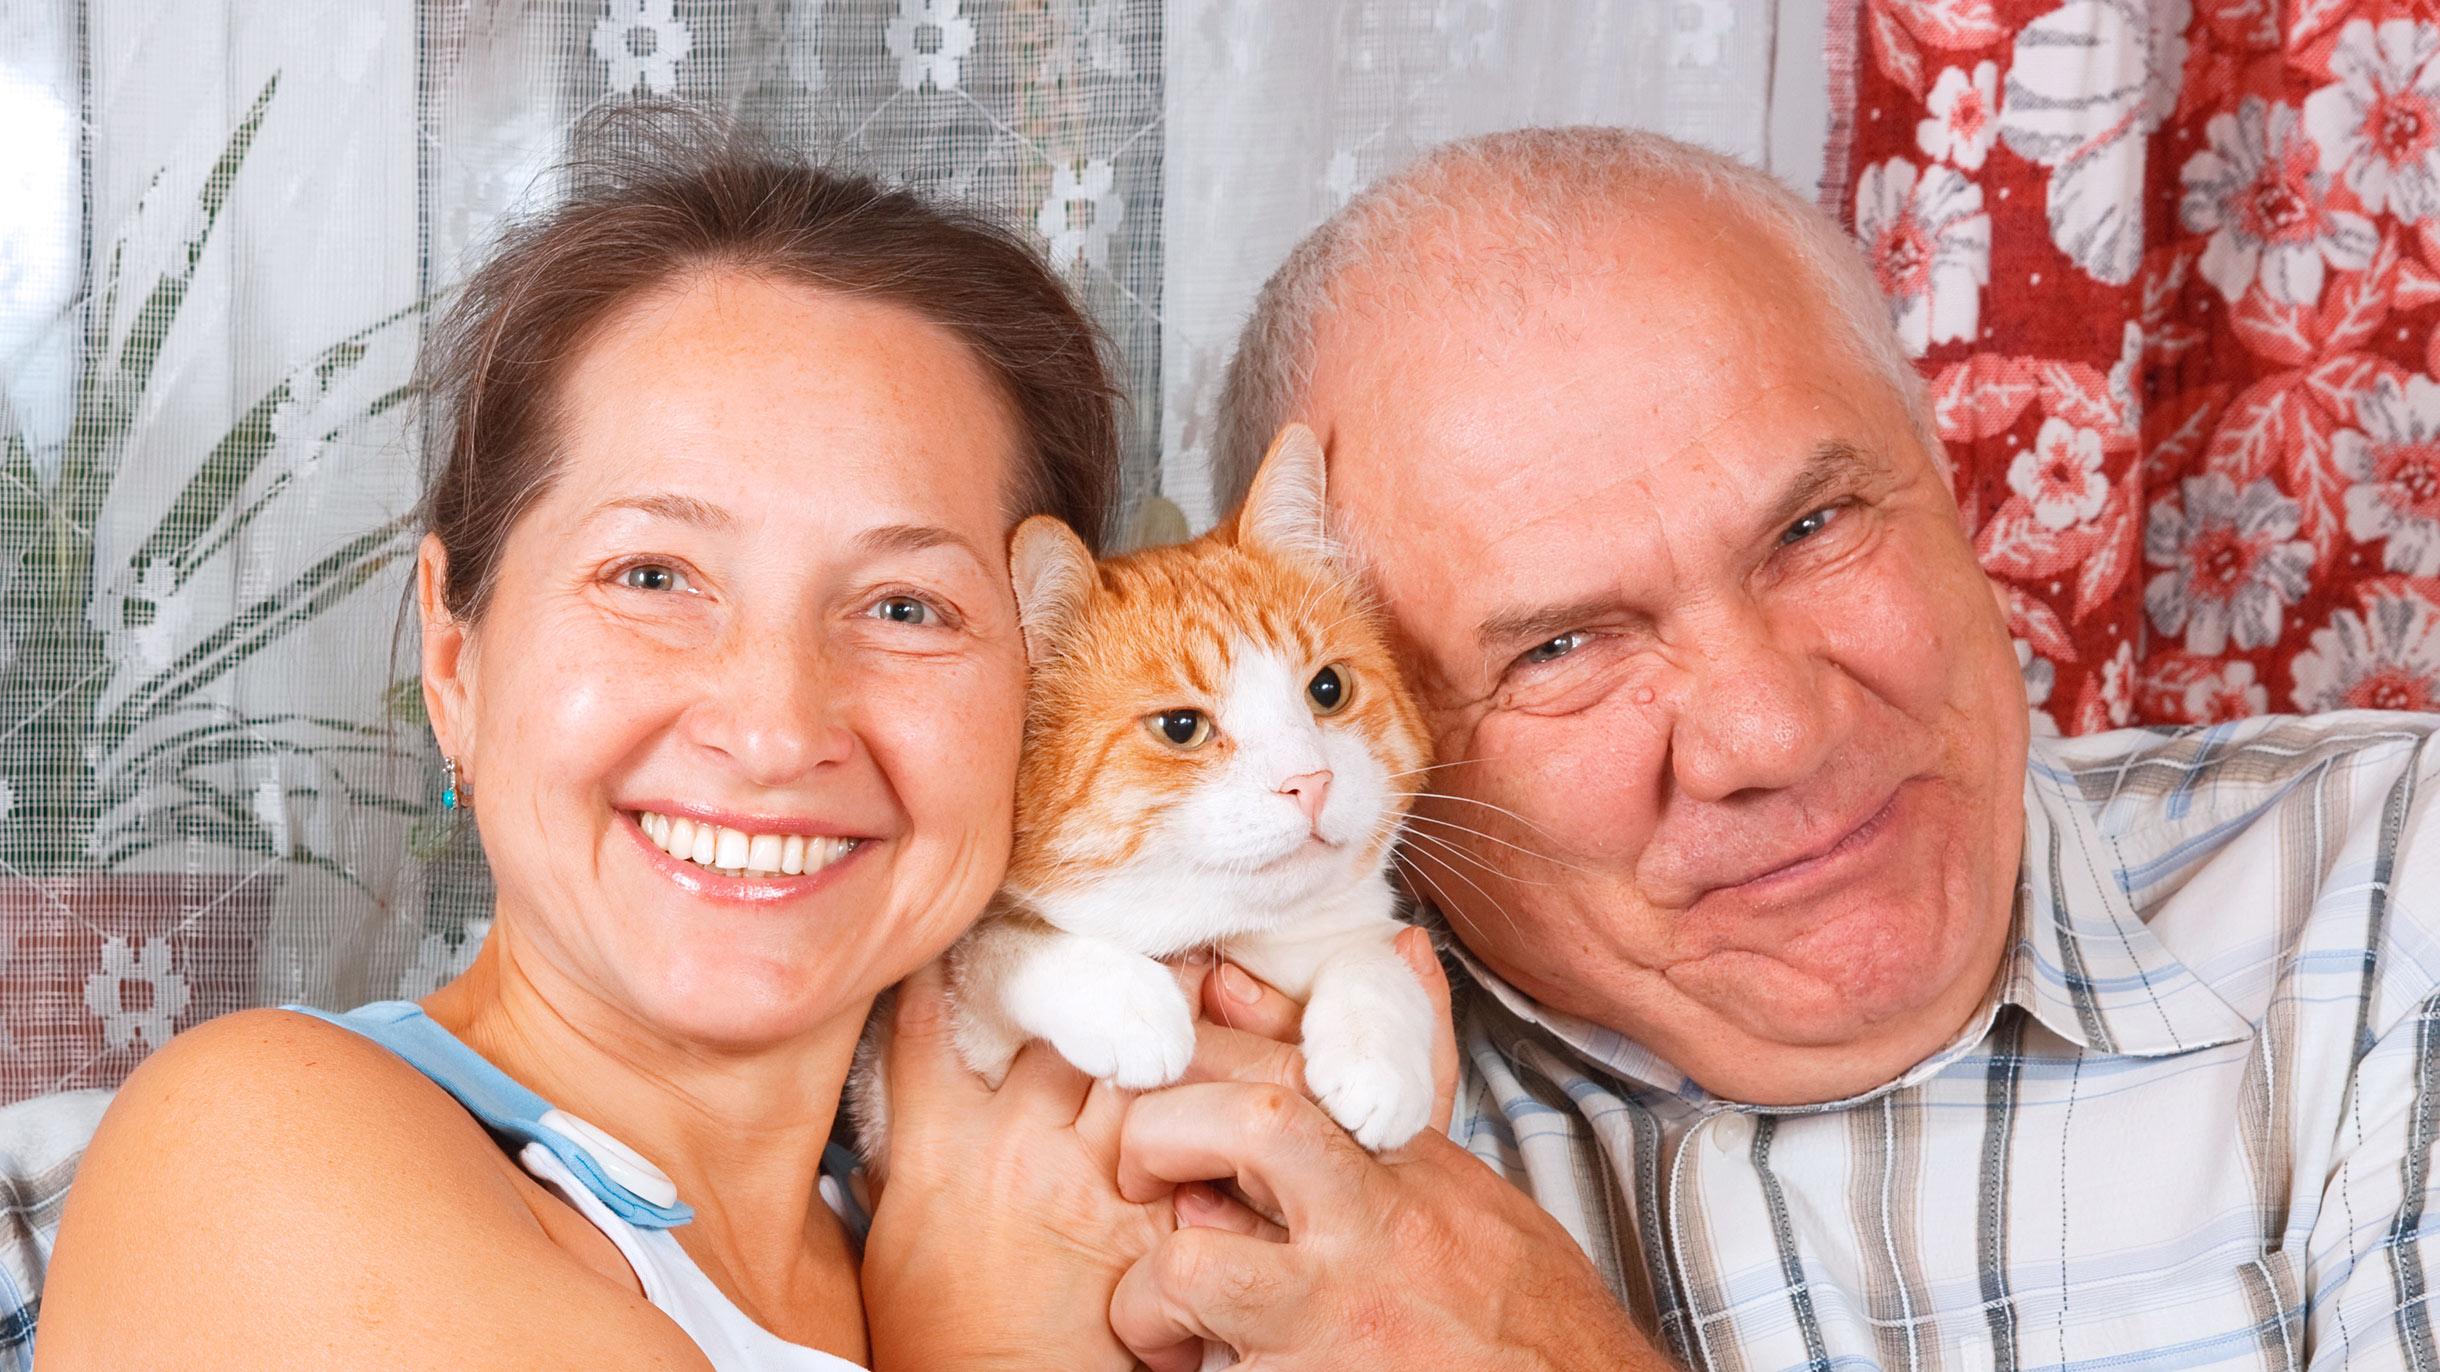 Пенсионерам разрешили отдаватьдолги в рассрочку. Какэтоработает